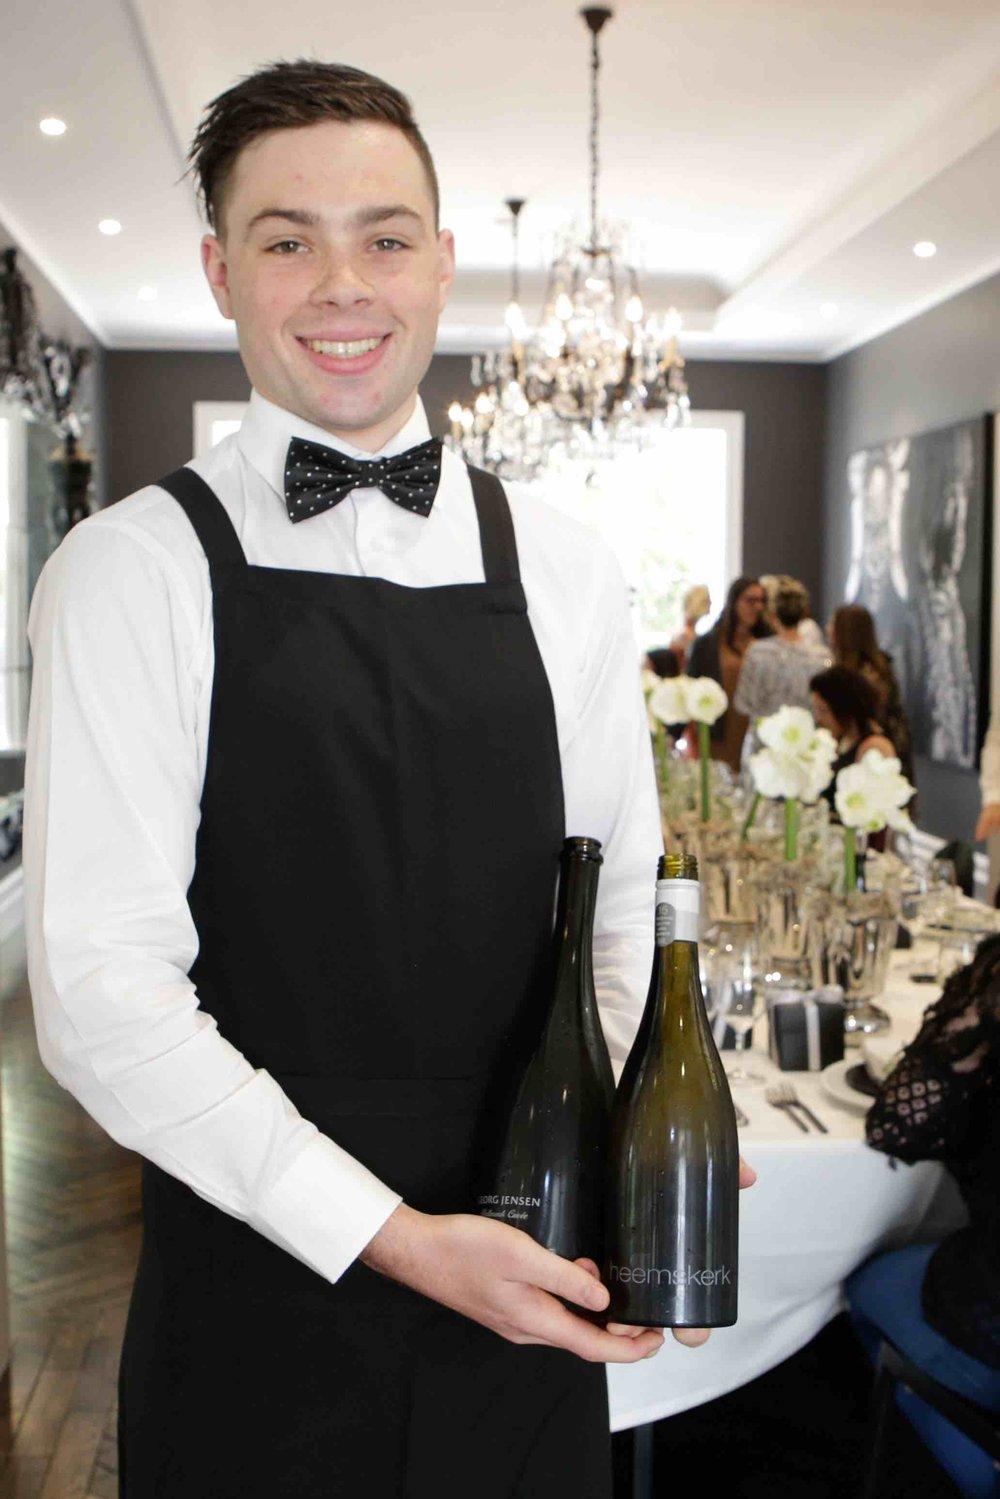 georg-jensen-by-heemskerk-wine.jpeg